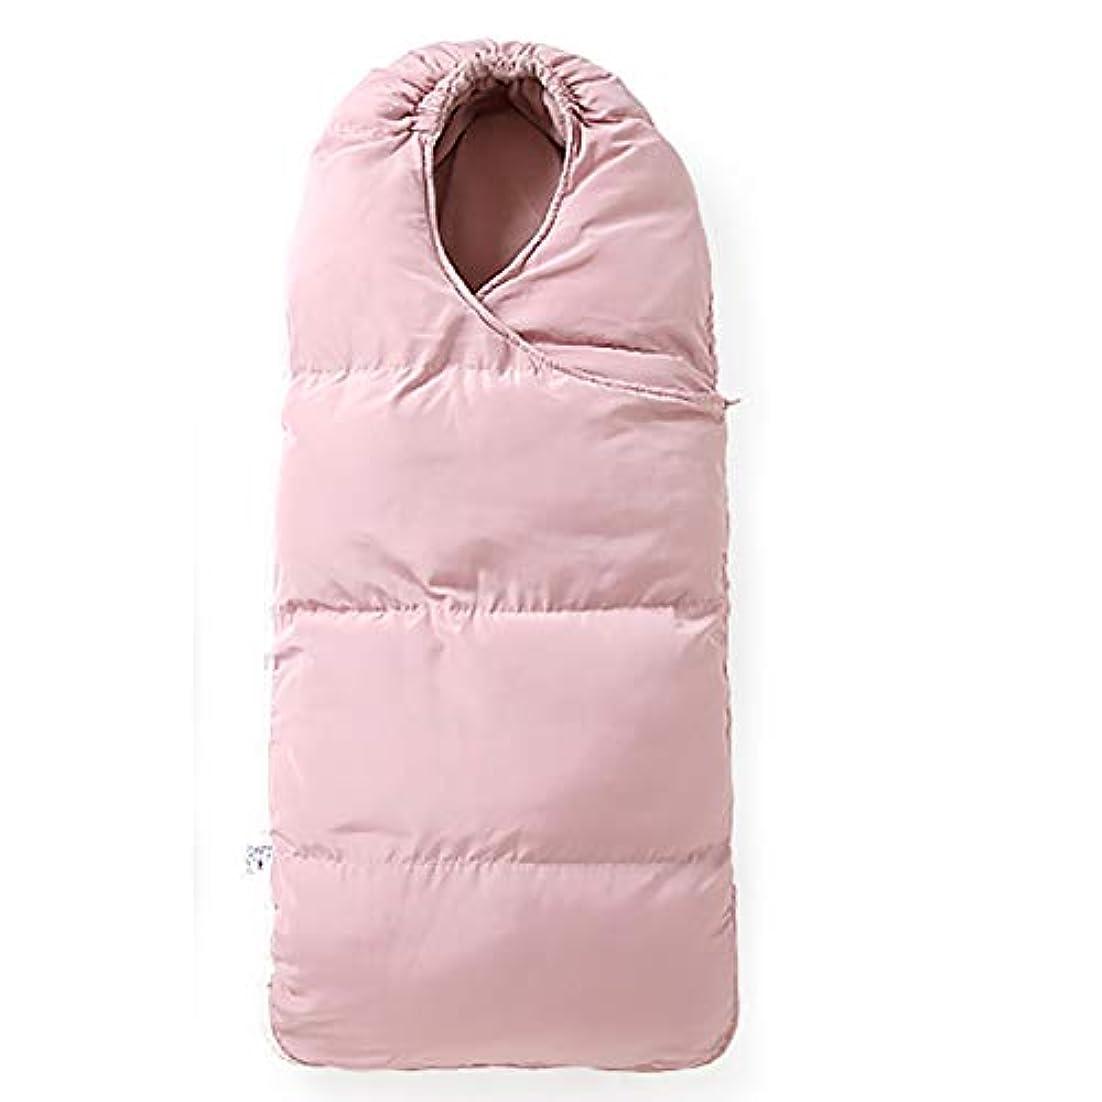 十分ギャングスター柱屋外寝袋ポータブル寝袋寝袋子供寝袋プラス長い寝袋断熱寝袋洗える寝袋防水寝袋